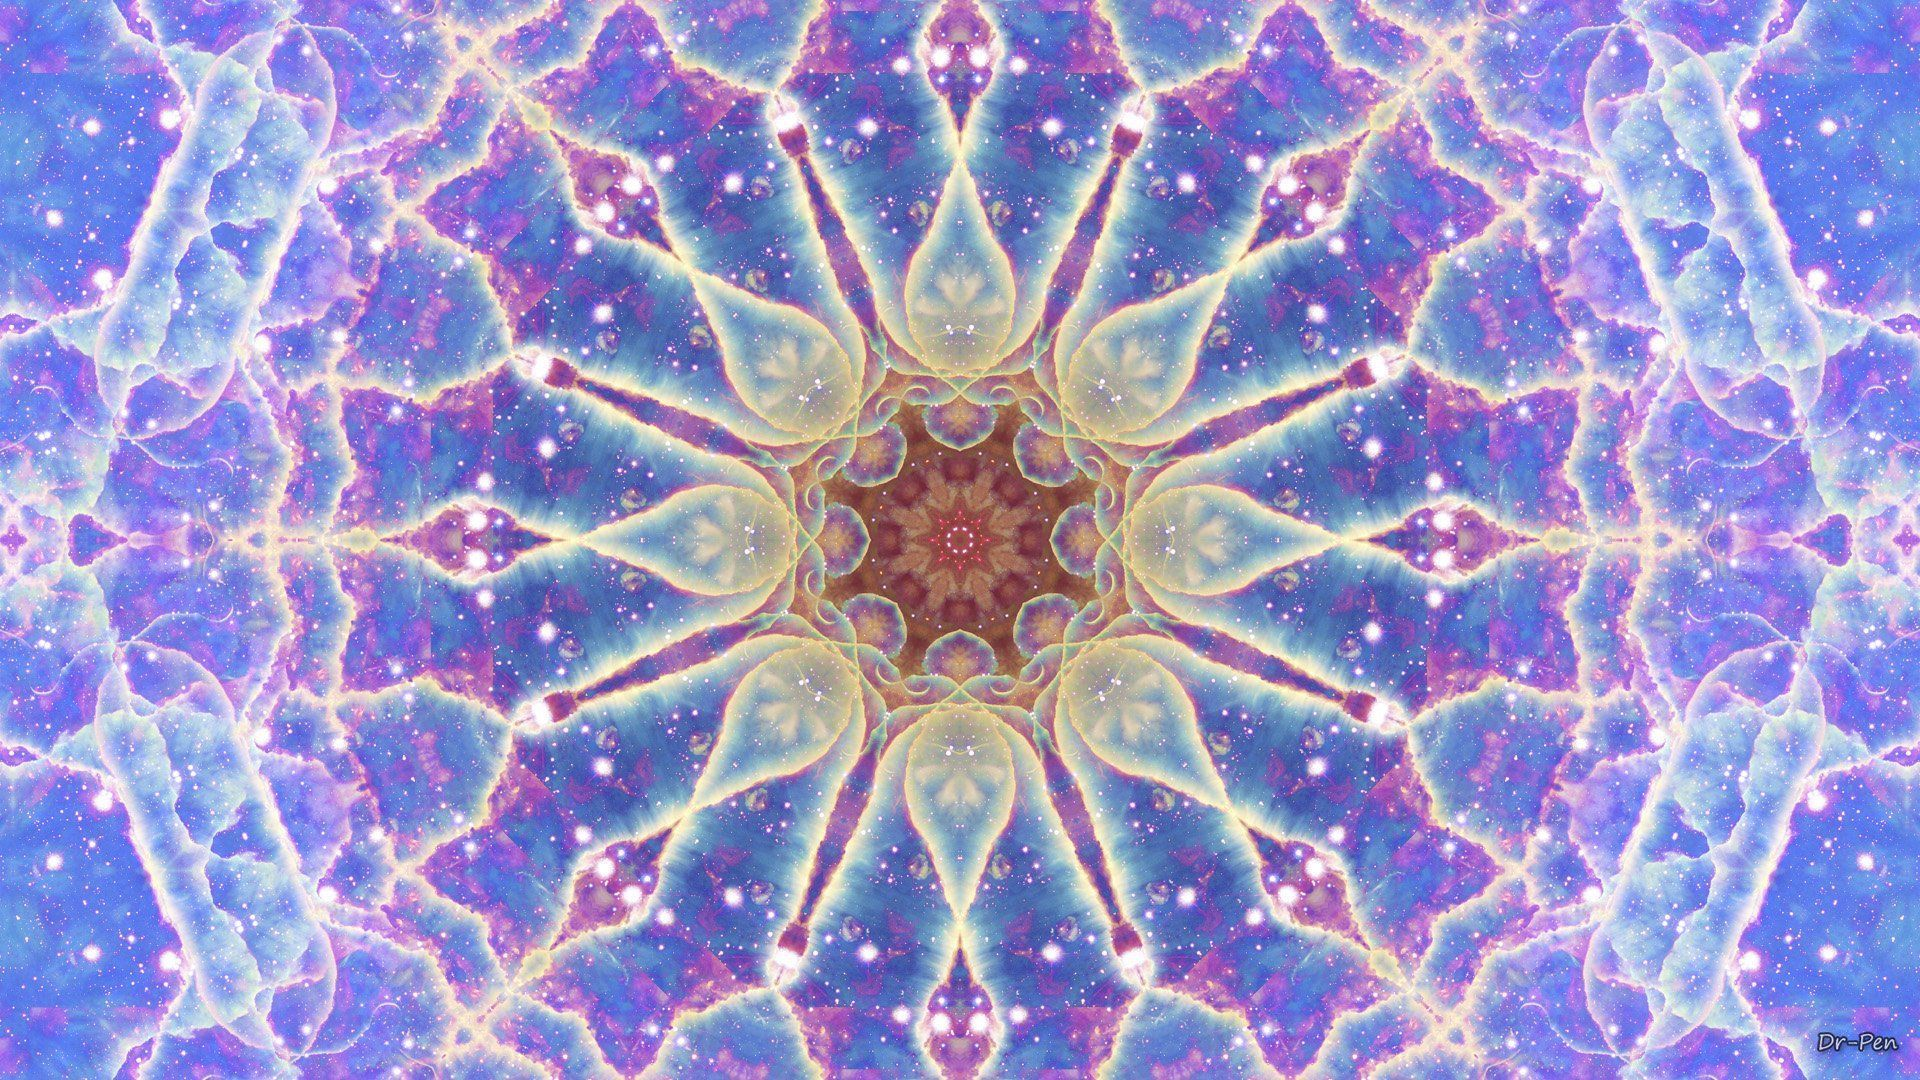 1920x1080 Mandala hình nền